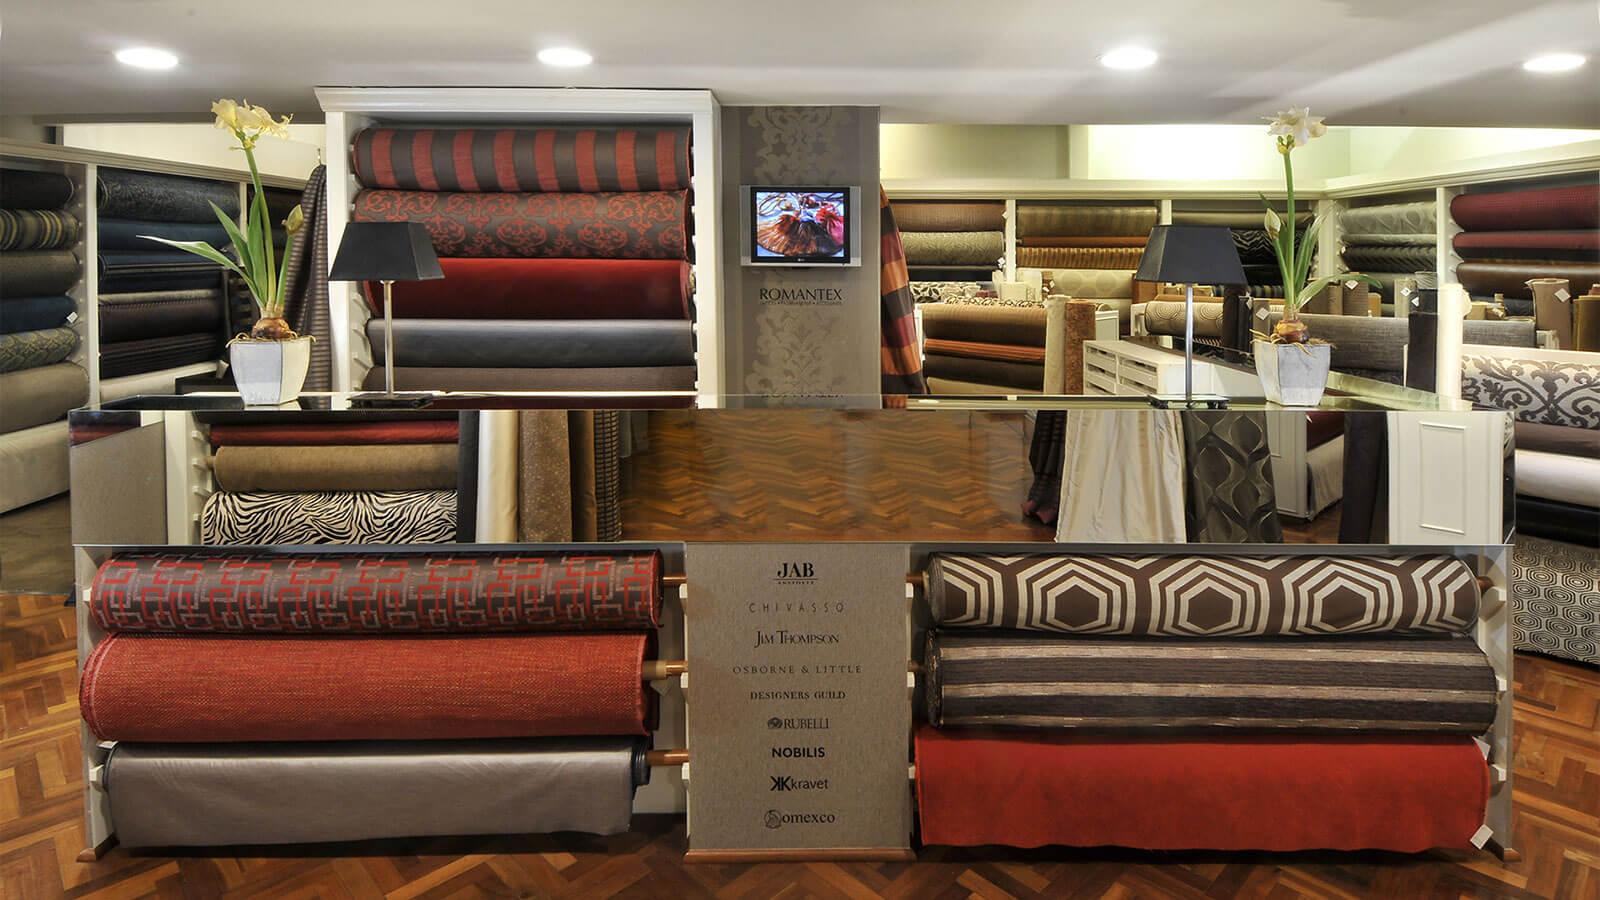 Romantex showroom telas importadas telas exclusivas - Catalogo de telas para tapizar ...